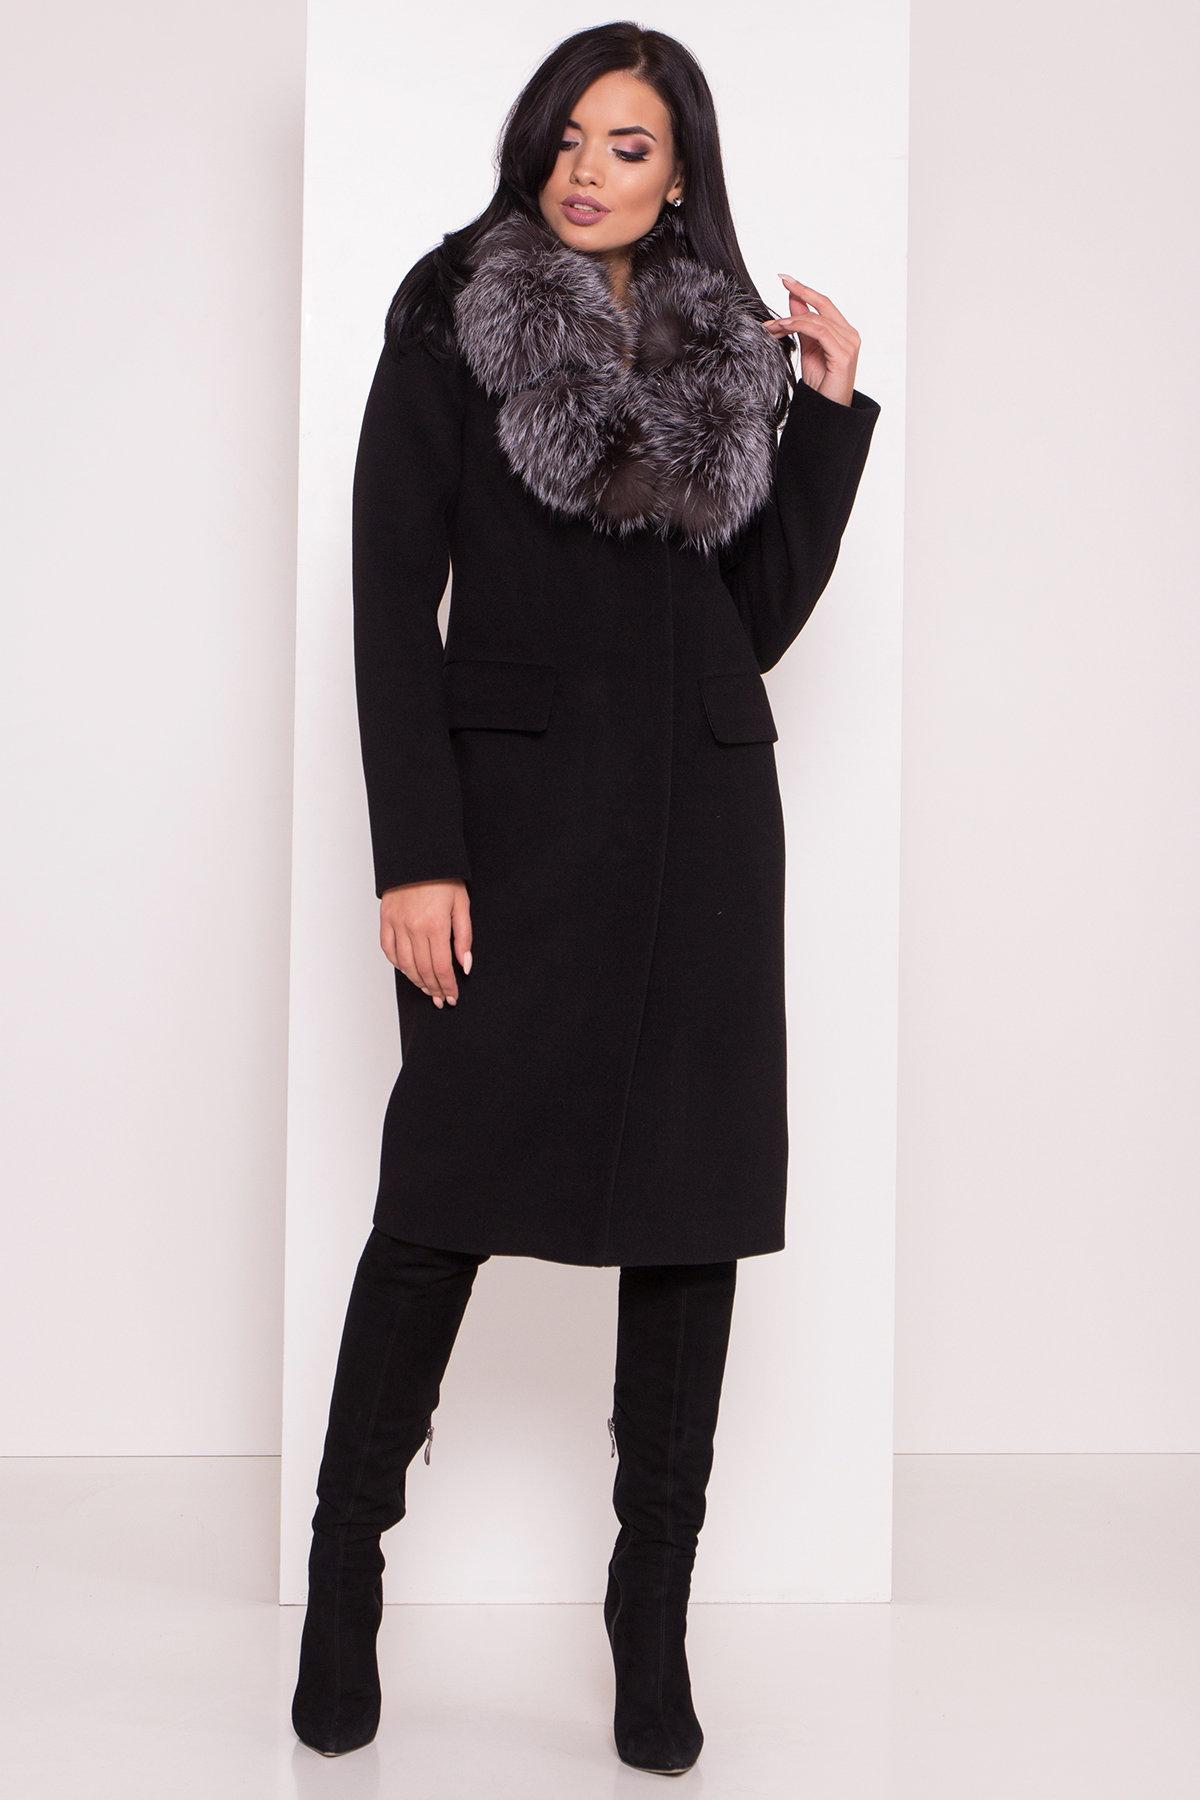 Зимнее пальто с меховым воротником Лабио 8150 АРТ. 44107 Цвет: Черный Н-1 - фото 3, интернет магазин tm-modus.ru